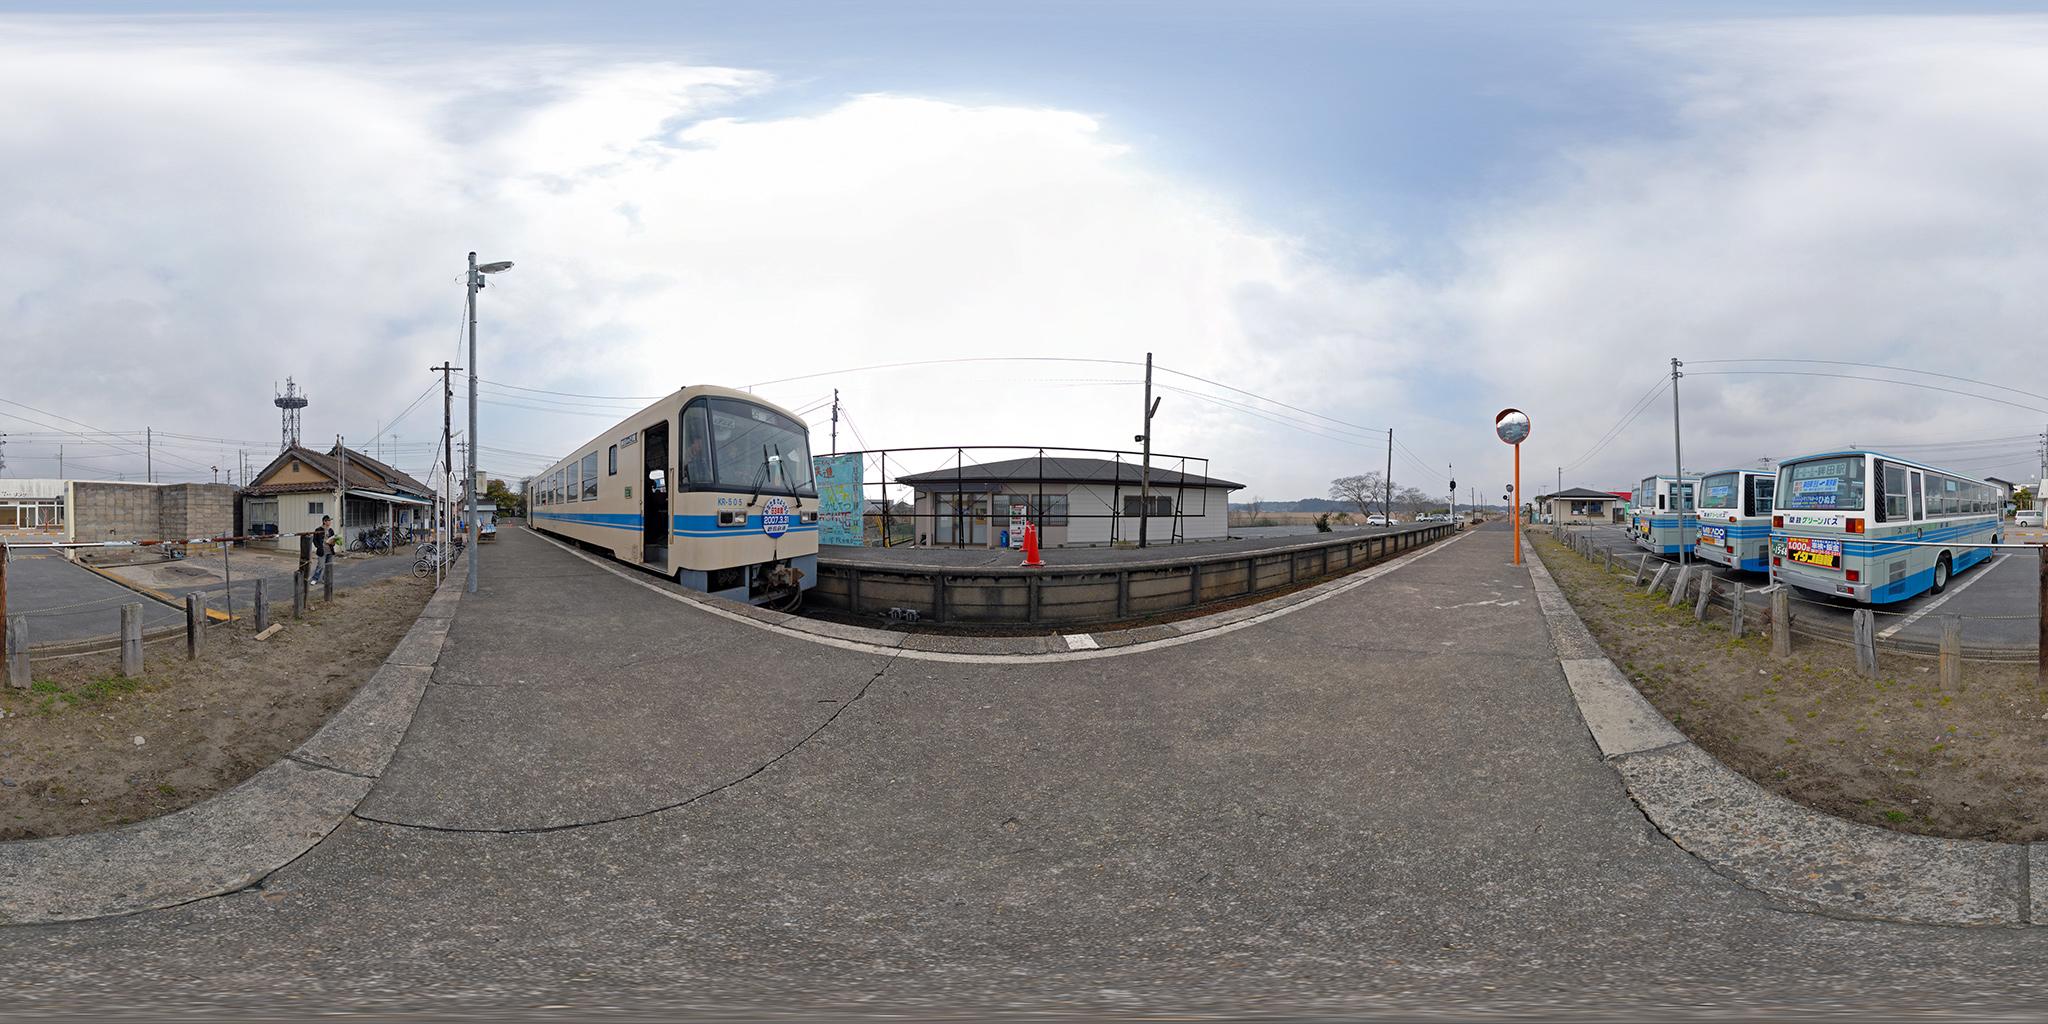 鹿島鉄道 鉾田駅構内